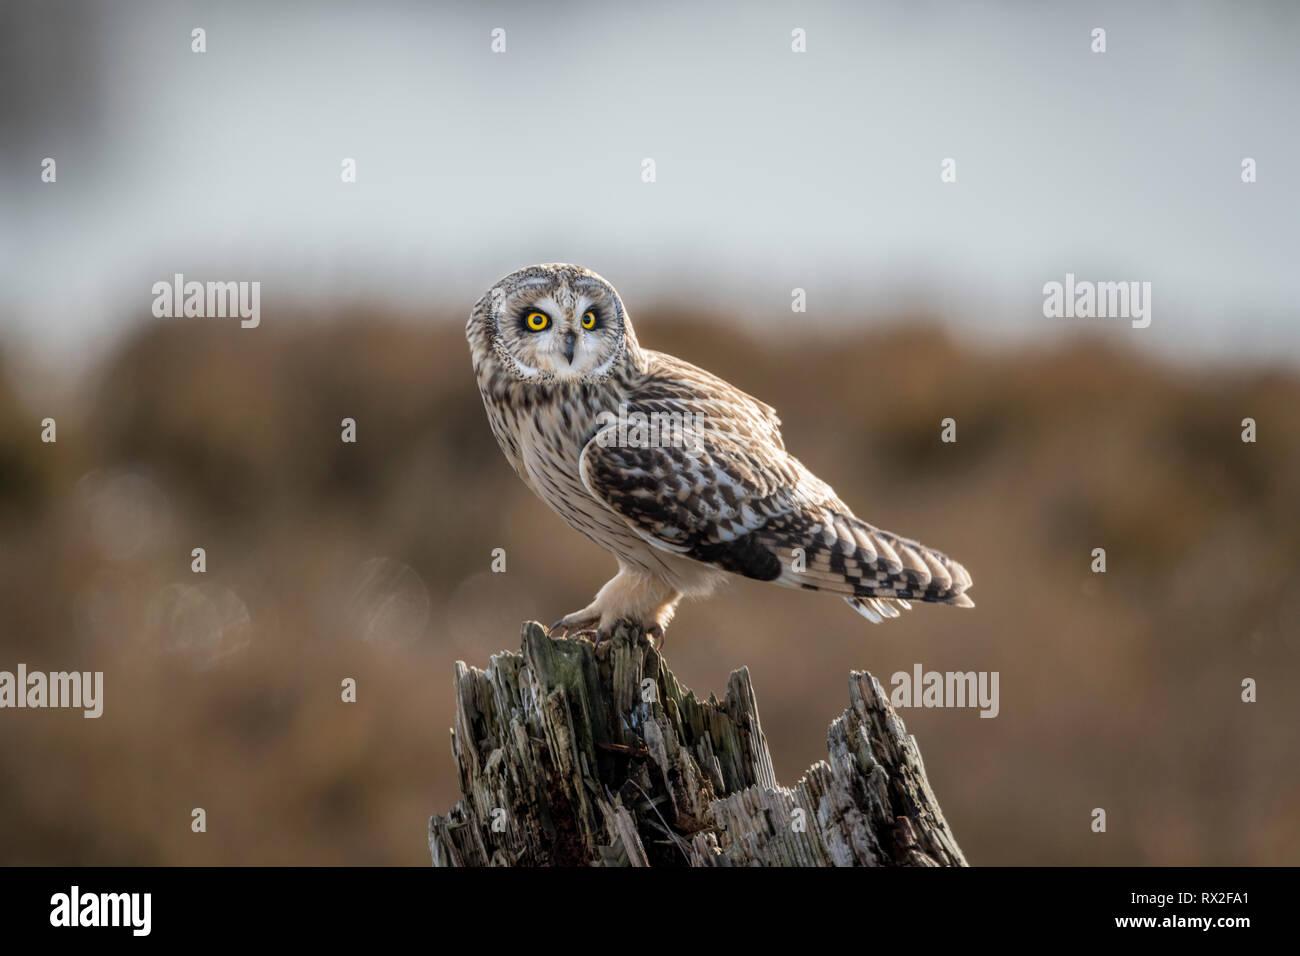 Jagt durch niedrige über den Boden zu fliegen, oft schweben vor dem Abwurf auf Beute. Angeblich findet Beute meistens durch Sound, sondern auch vom Sehen. Mai Jagd nach Tag, Stockfoto